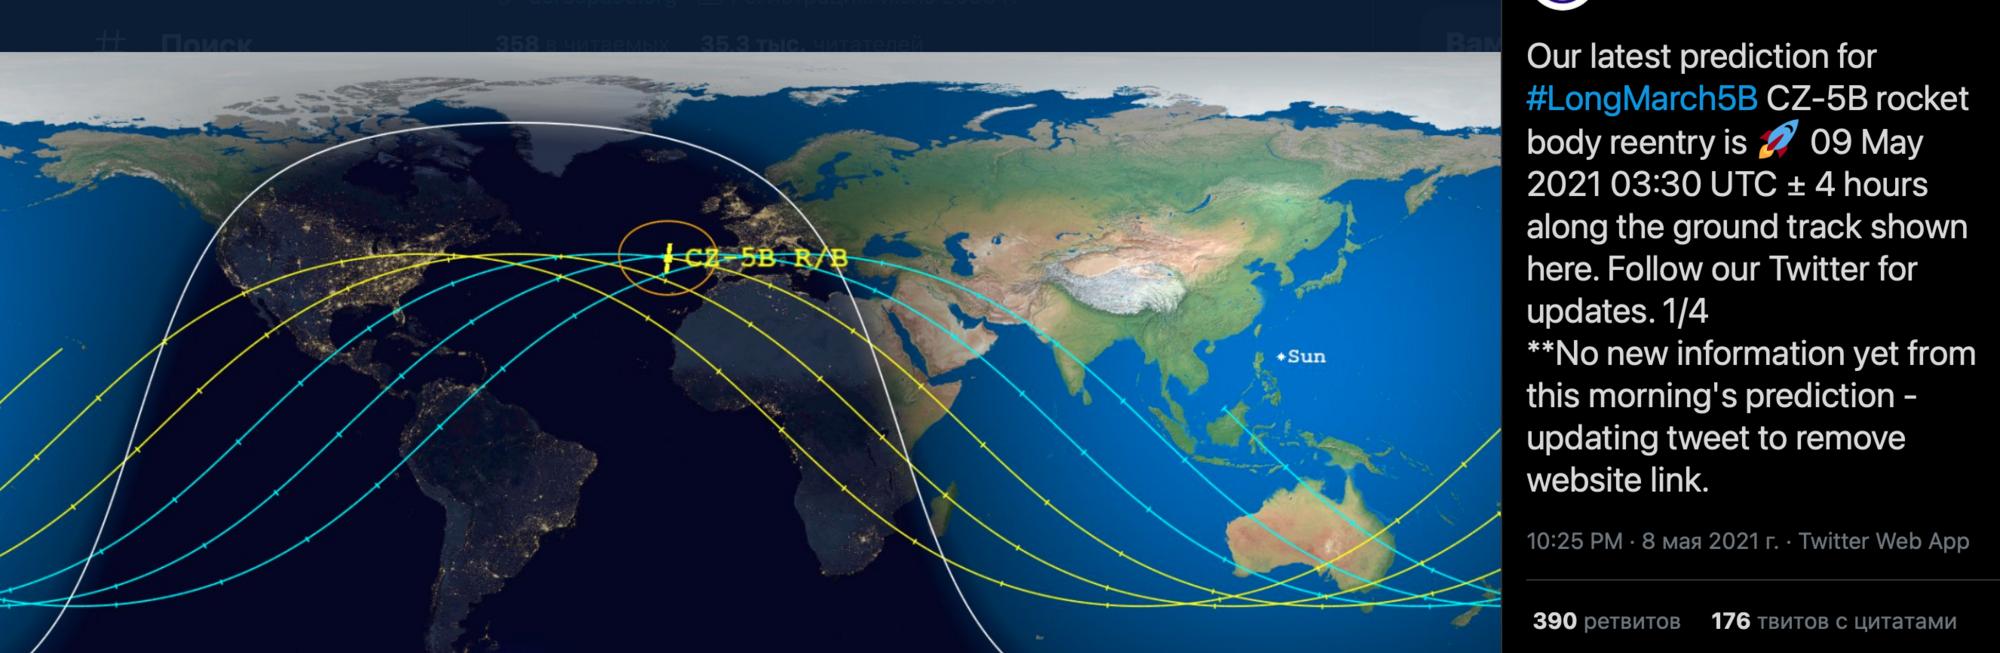 Прогноз місця падіння китайської ракети.